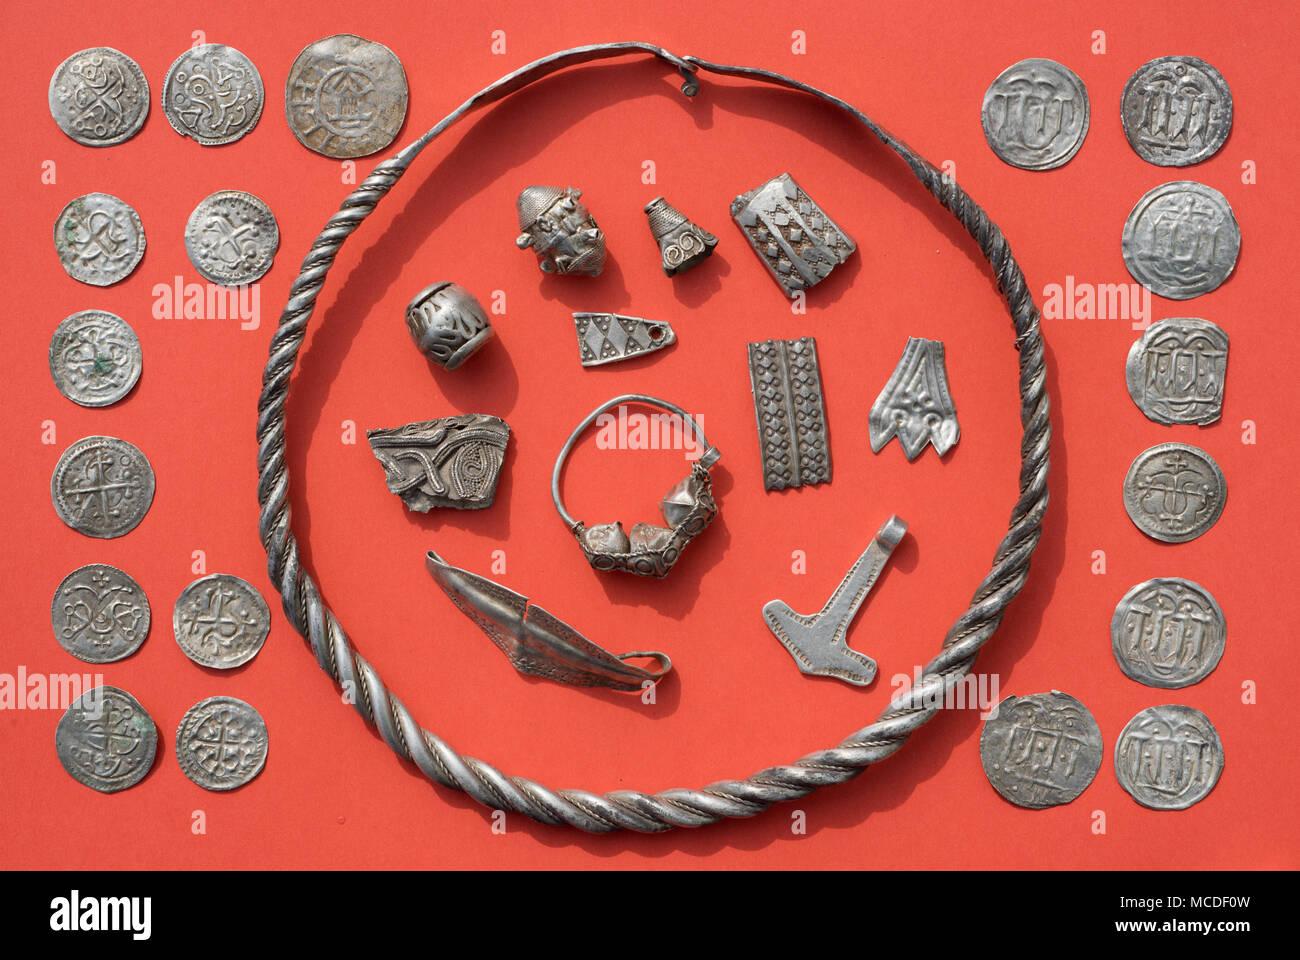 """13 de abril de 2018, Alemania, Schaprode: Algunos de los tesoros de plata Schaprode, incluyendo un anillo espiral de plata, perlas, joyas de plata cut-up, el martillo de Thor, de amuleto y danés y Ottonian monedas en una tabla. Los arqueólogos han descubierto valiosos tesoros de plata escandinavo, predominantemente desde finales del siglo 10, en un campo en la isla alemana de Ruegen. En un área de unos 400 metros cuadrados, cerca del municipio de Schaprode, se recuperaron joyas y alrededor de 500 - 600 monedas, de las cuales más de 100 monedas se remontan al reinado del rey danés Harald """"Bluetooth"""" (910-987). Foto: Stef Foto de stock"""